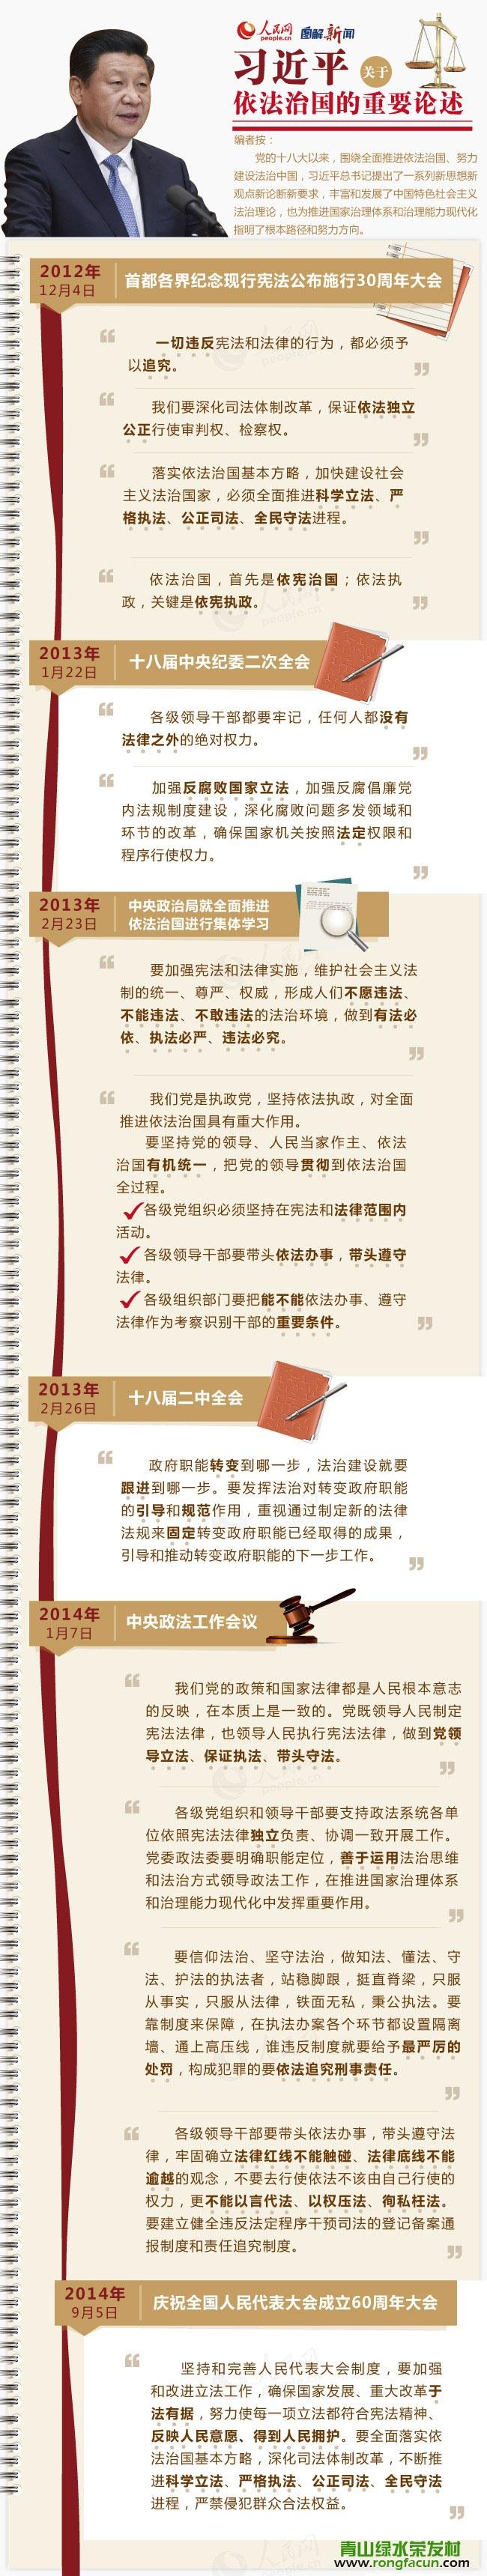 魏城镇荣发村法制学习专栏---荣发村 第4张